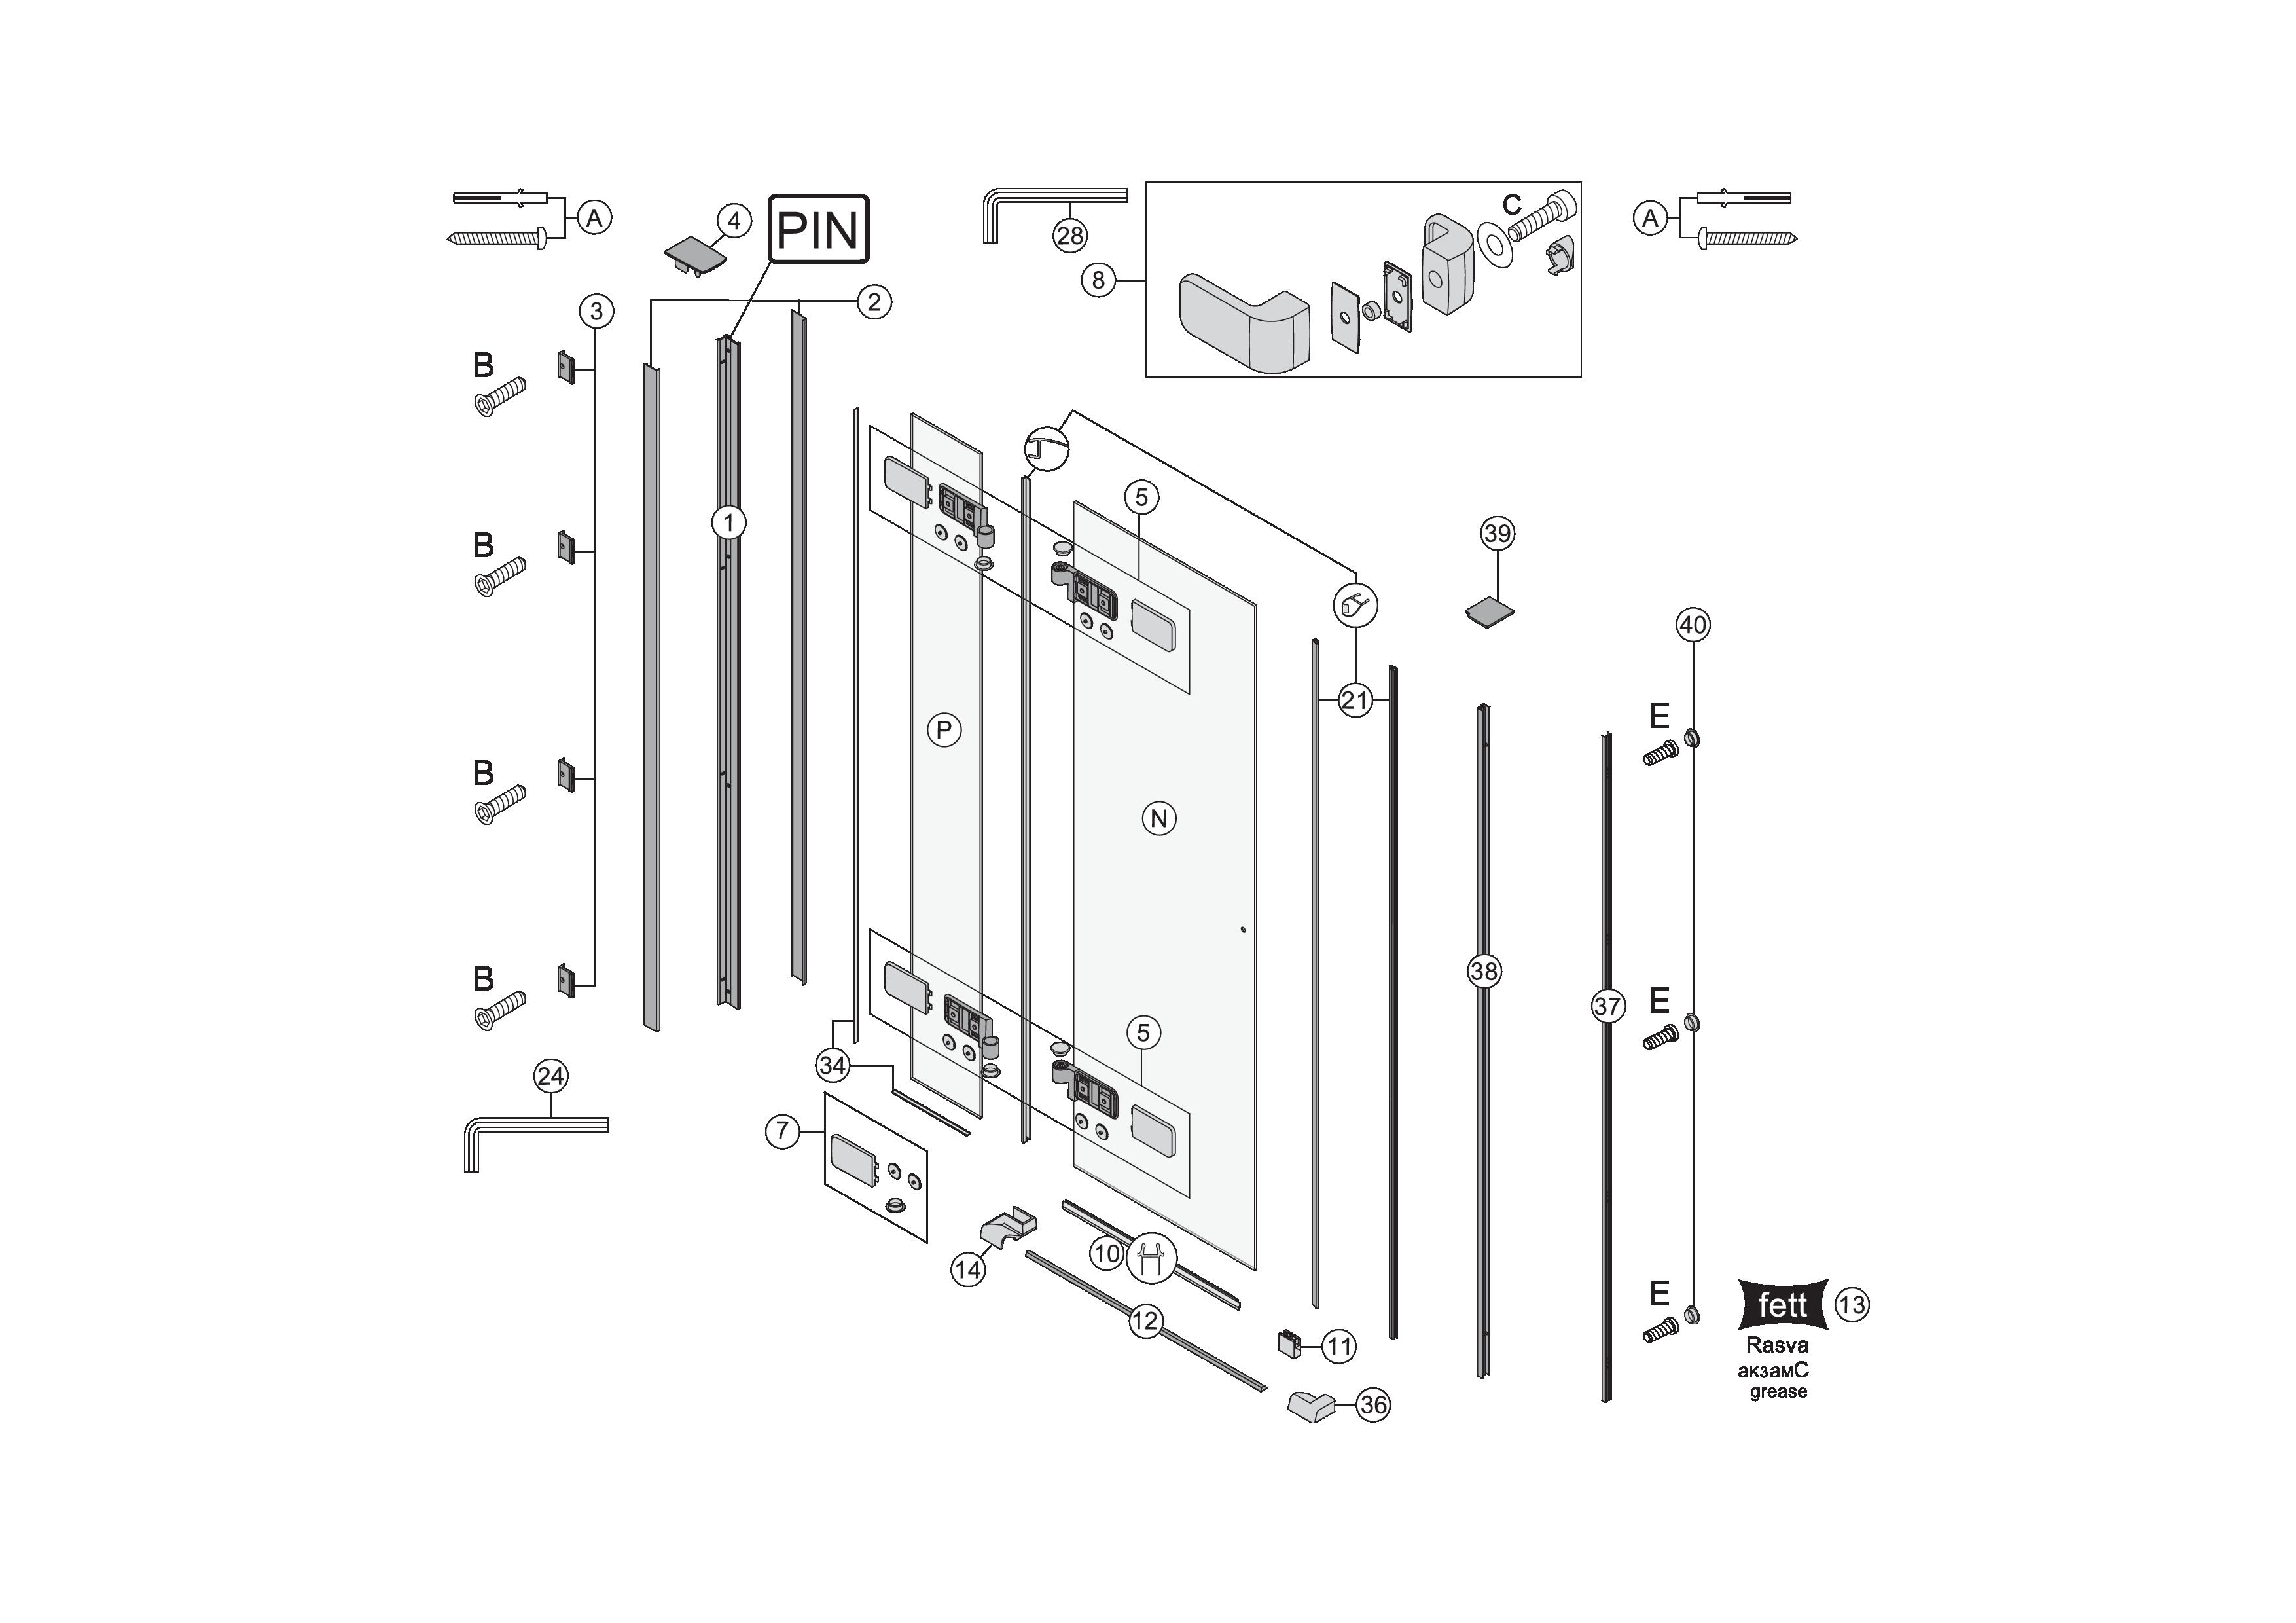 ersatzteile f r s500 fl gelt re mit festelement in nische. Black Bedroom Furniture Sets. Home Design Ideas